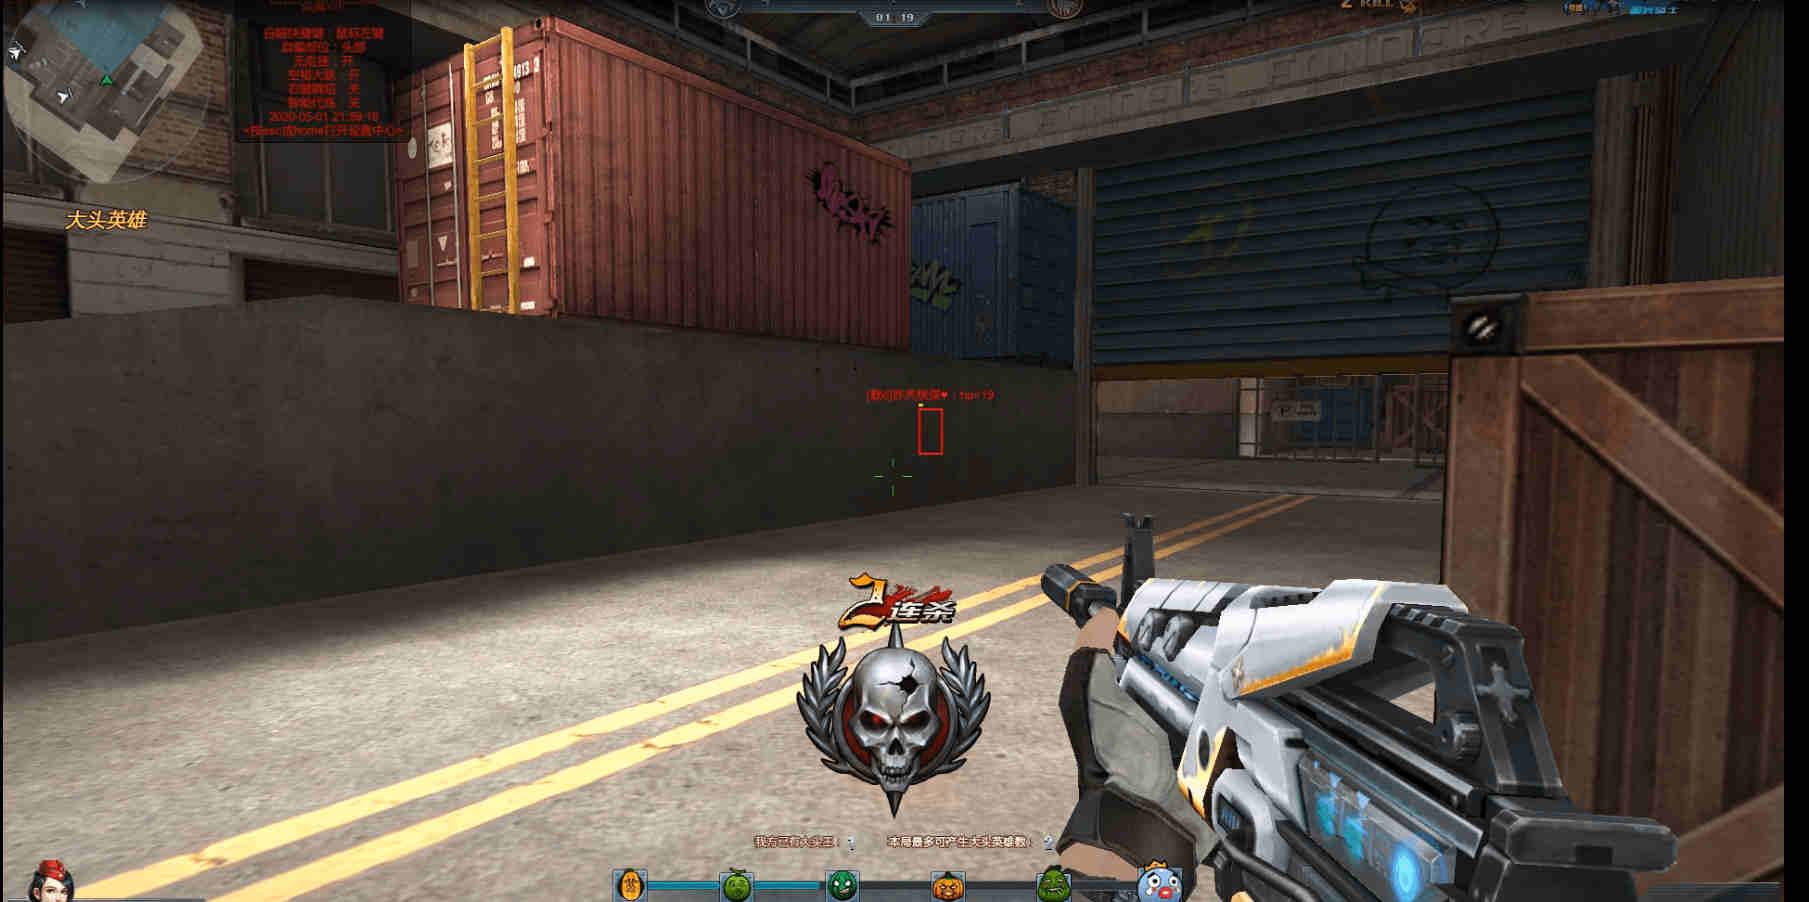 生死狙击天梯透视自瞄过检多功能辅助